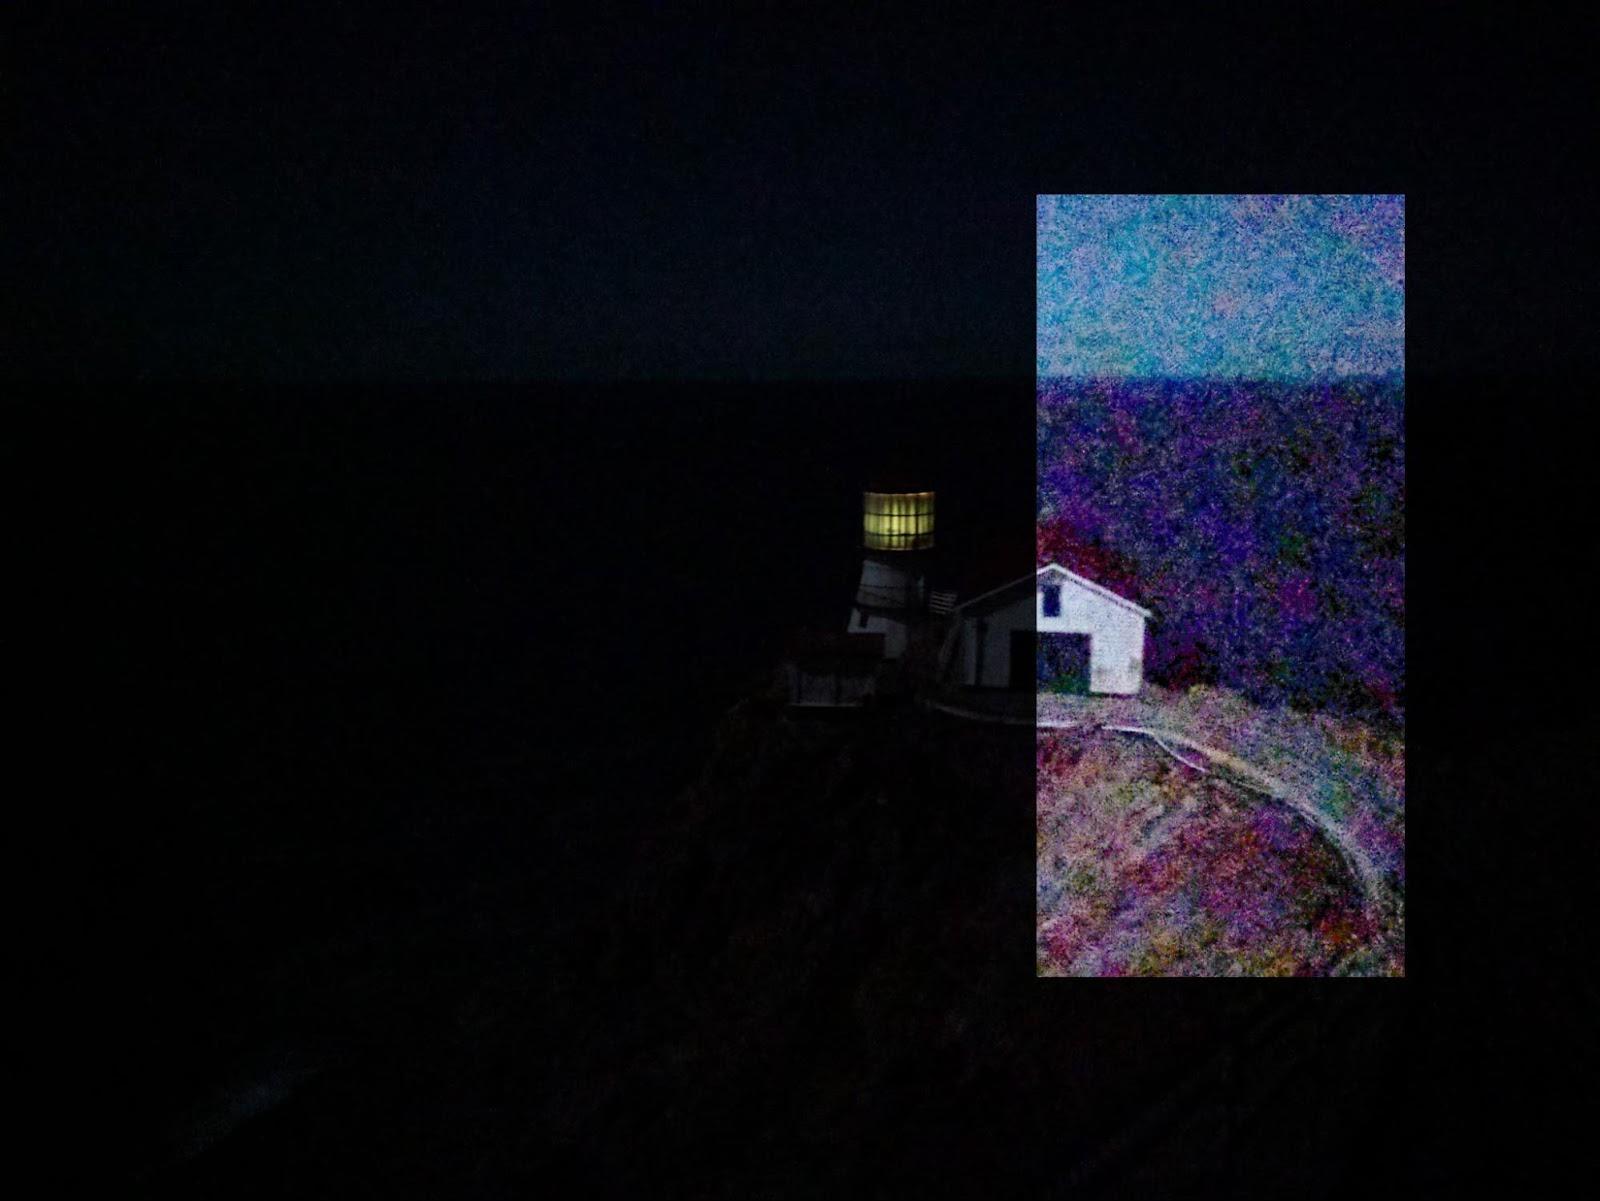 Fotografías con poca luz, Google trabaja en ello con un prometedor resultado